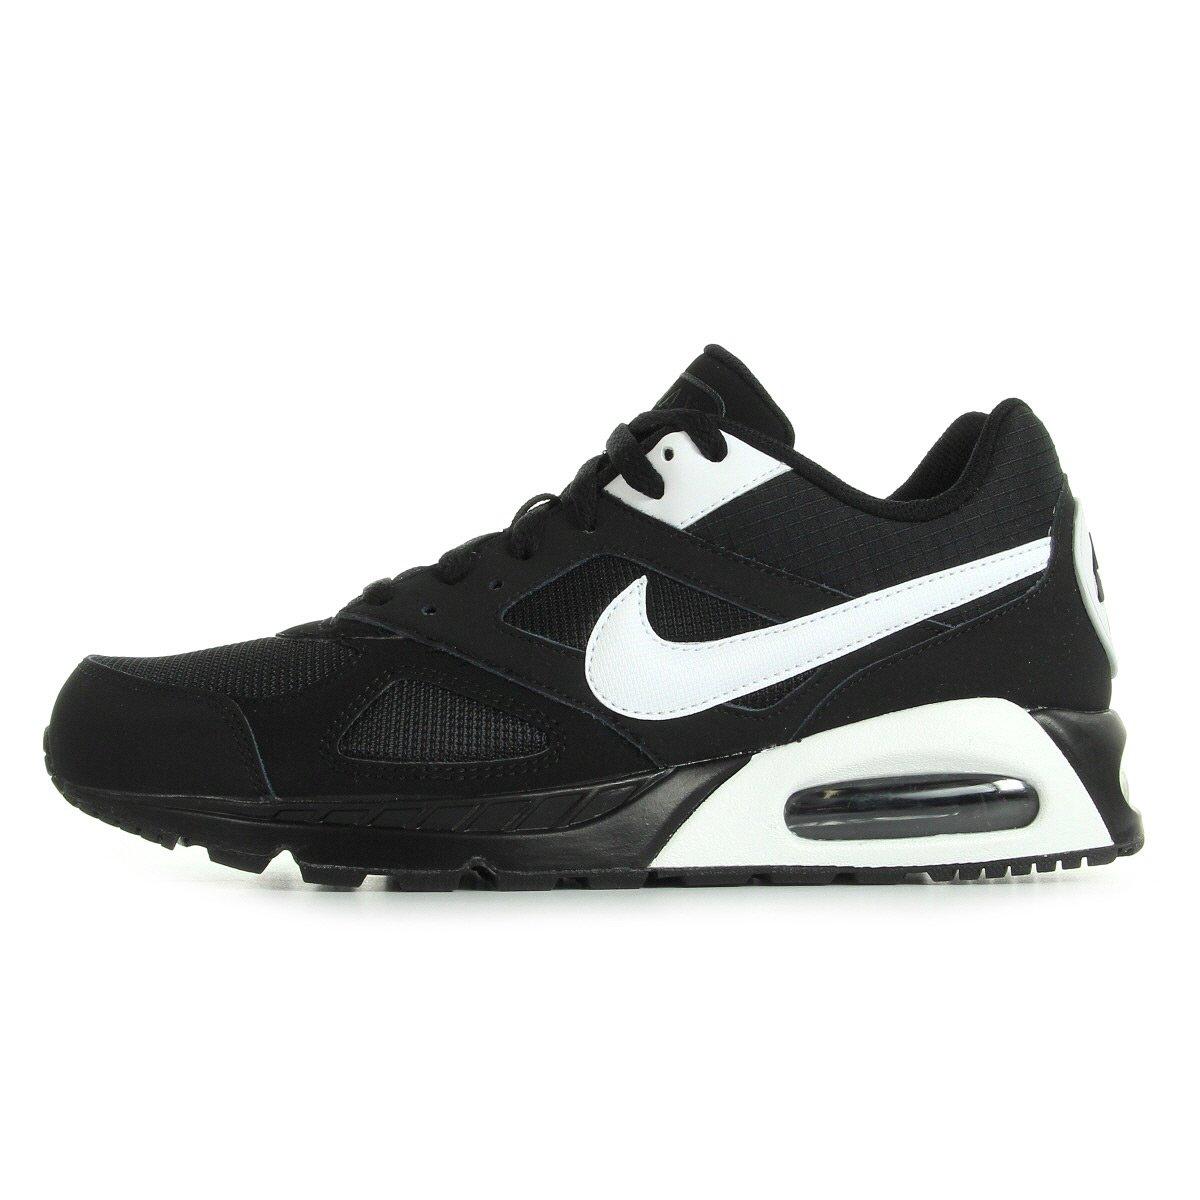 najwyższa jakość zasznurować Kup online Nike, Men's Trainers , air max ivo, gray (cool grey/black-white), 6